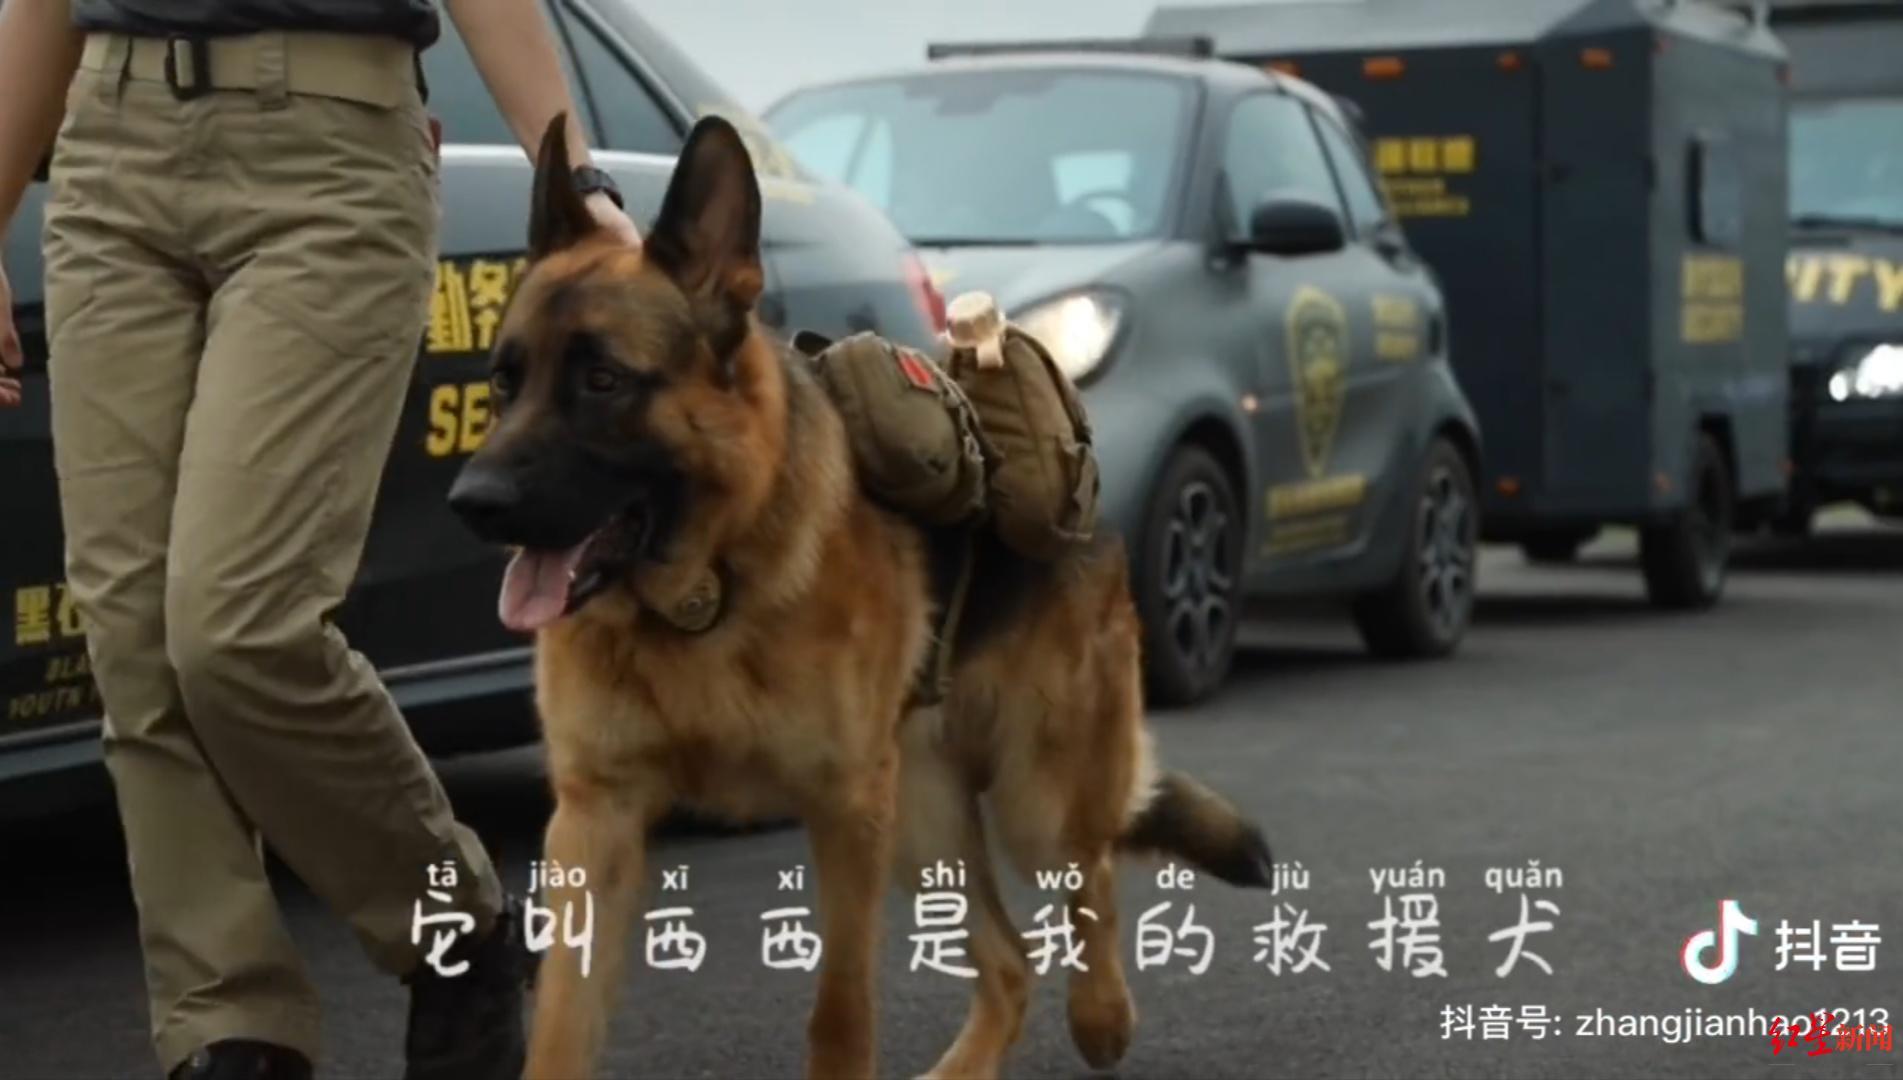 """成都救援犬""""西西""""失踪引数百万网友关注,抗洪中曾救8个人"""